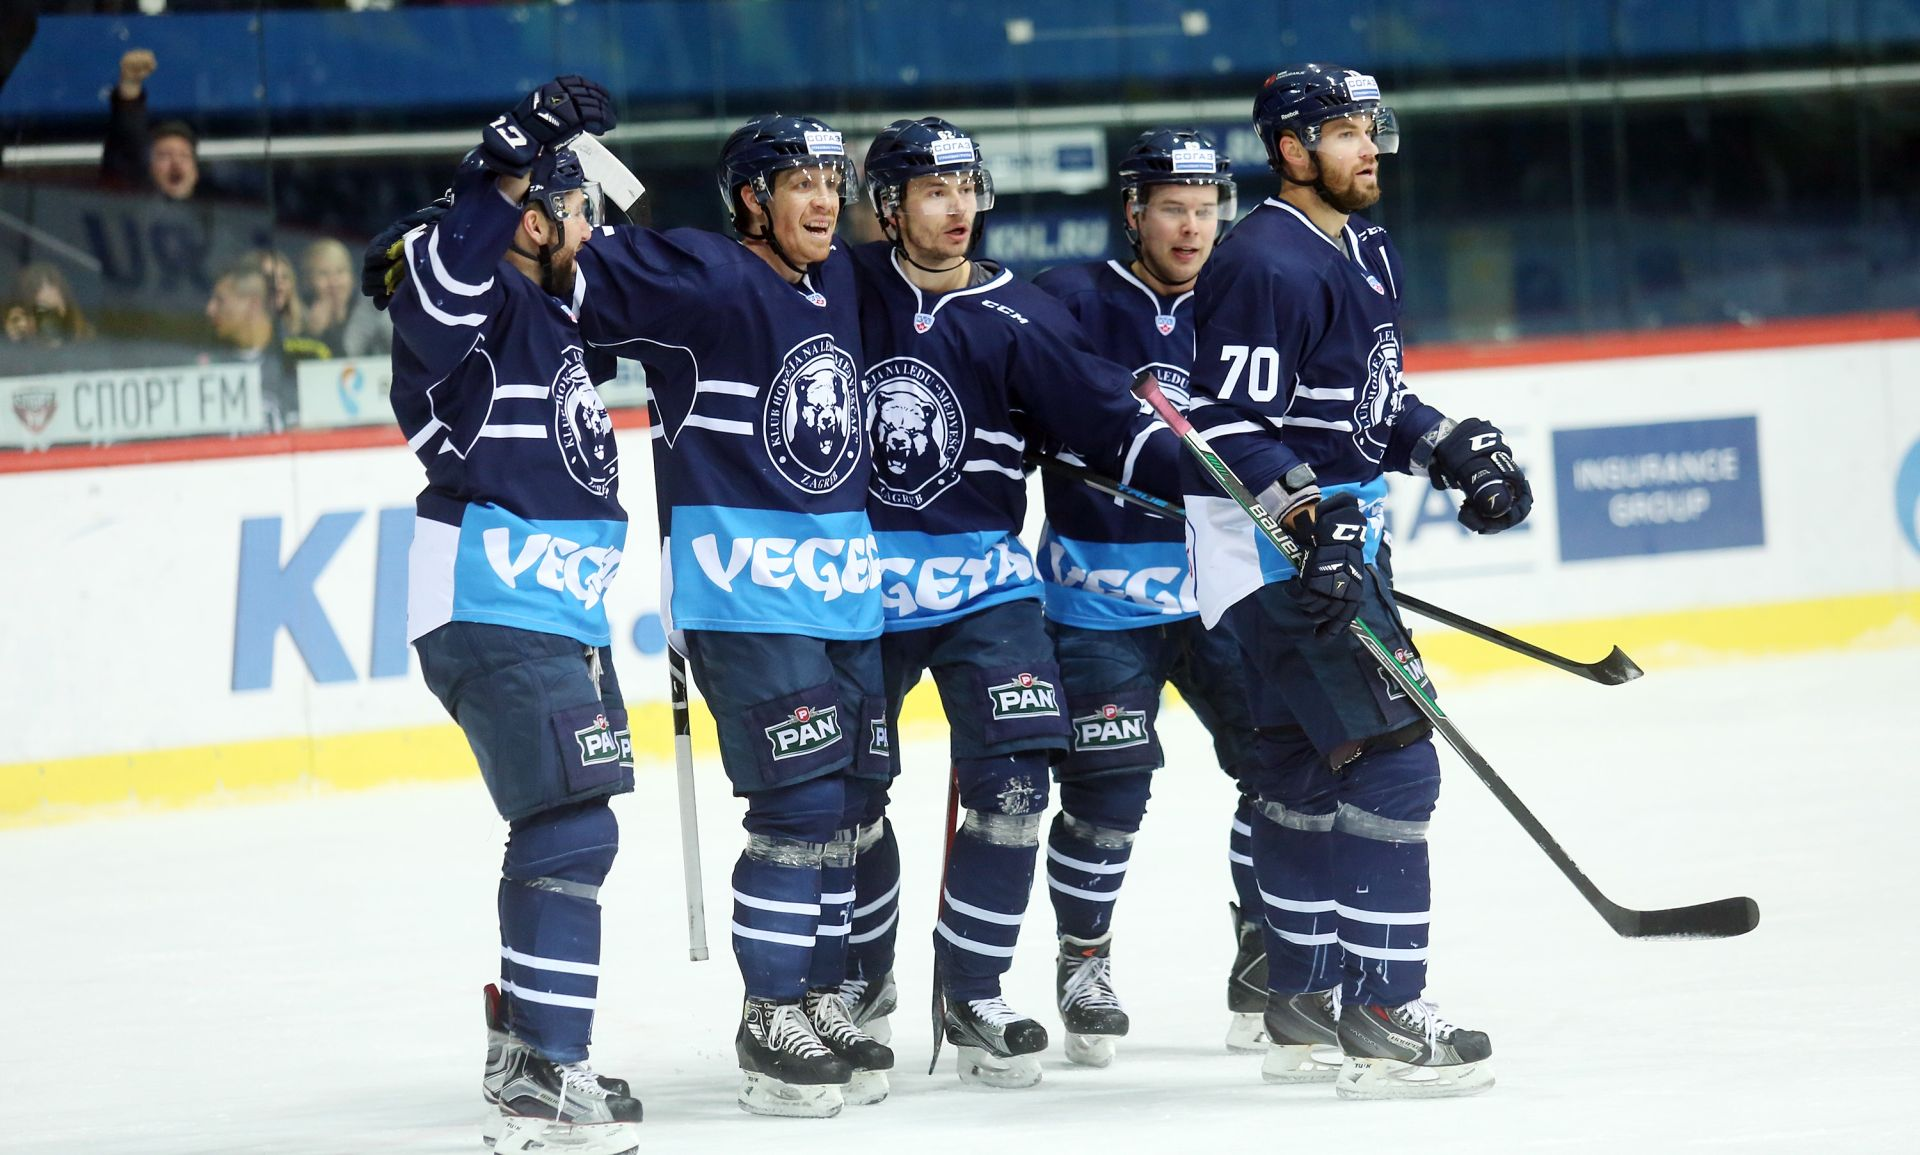 KHL: Medveščak u gostima pobijedio Spartak sa 4-1